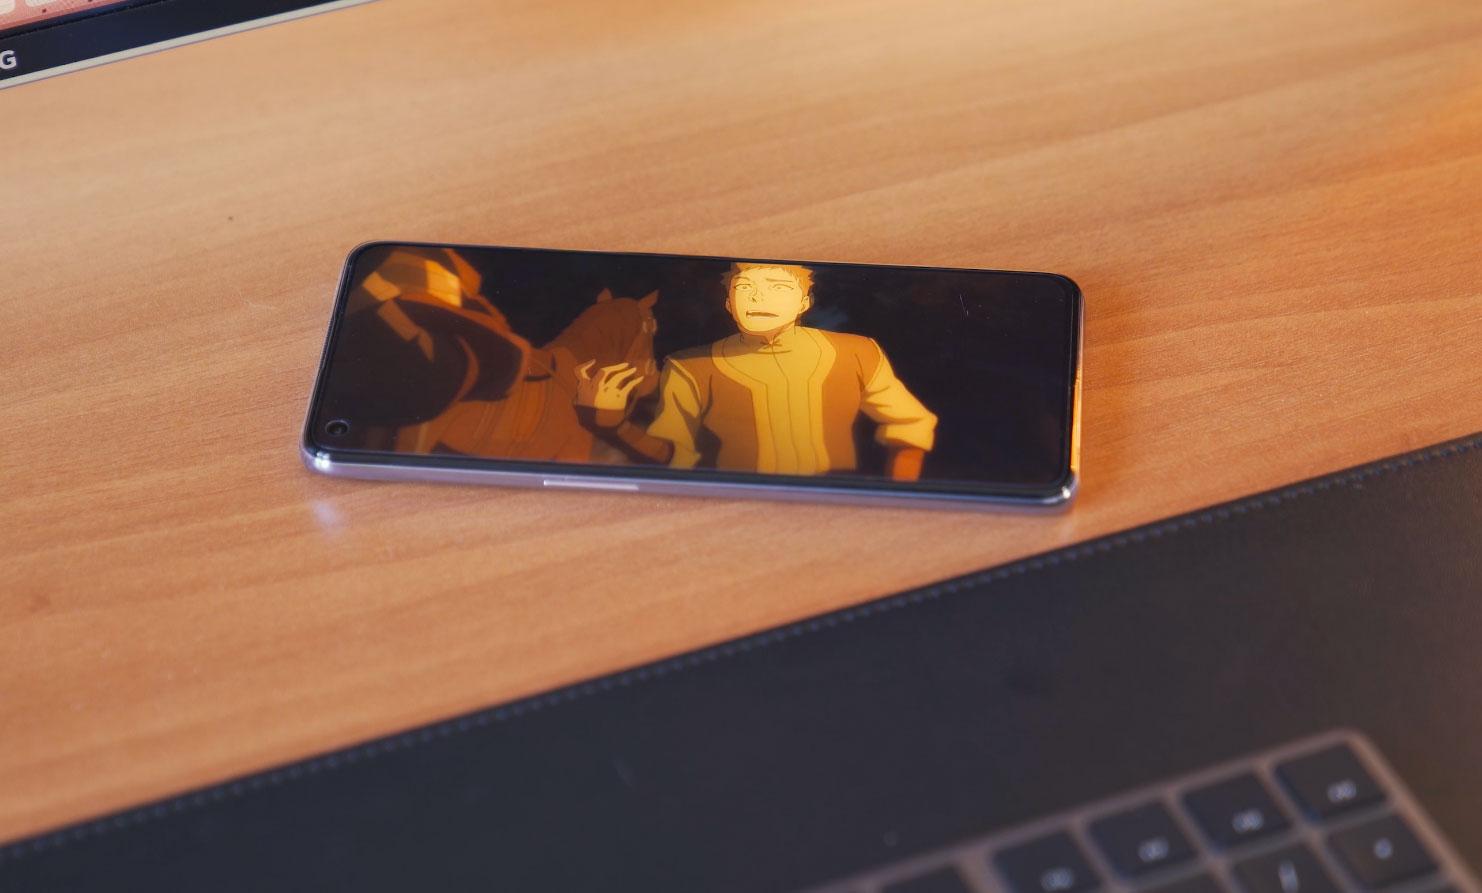 L'écran borderless est un régal pour les yeux